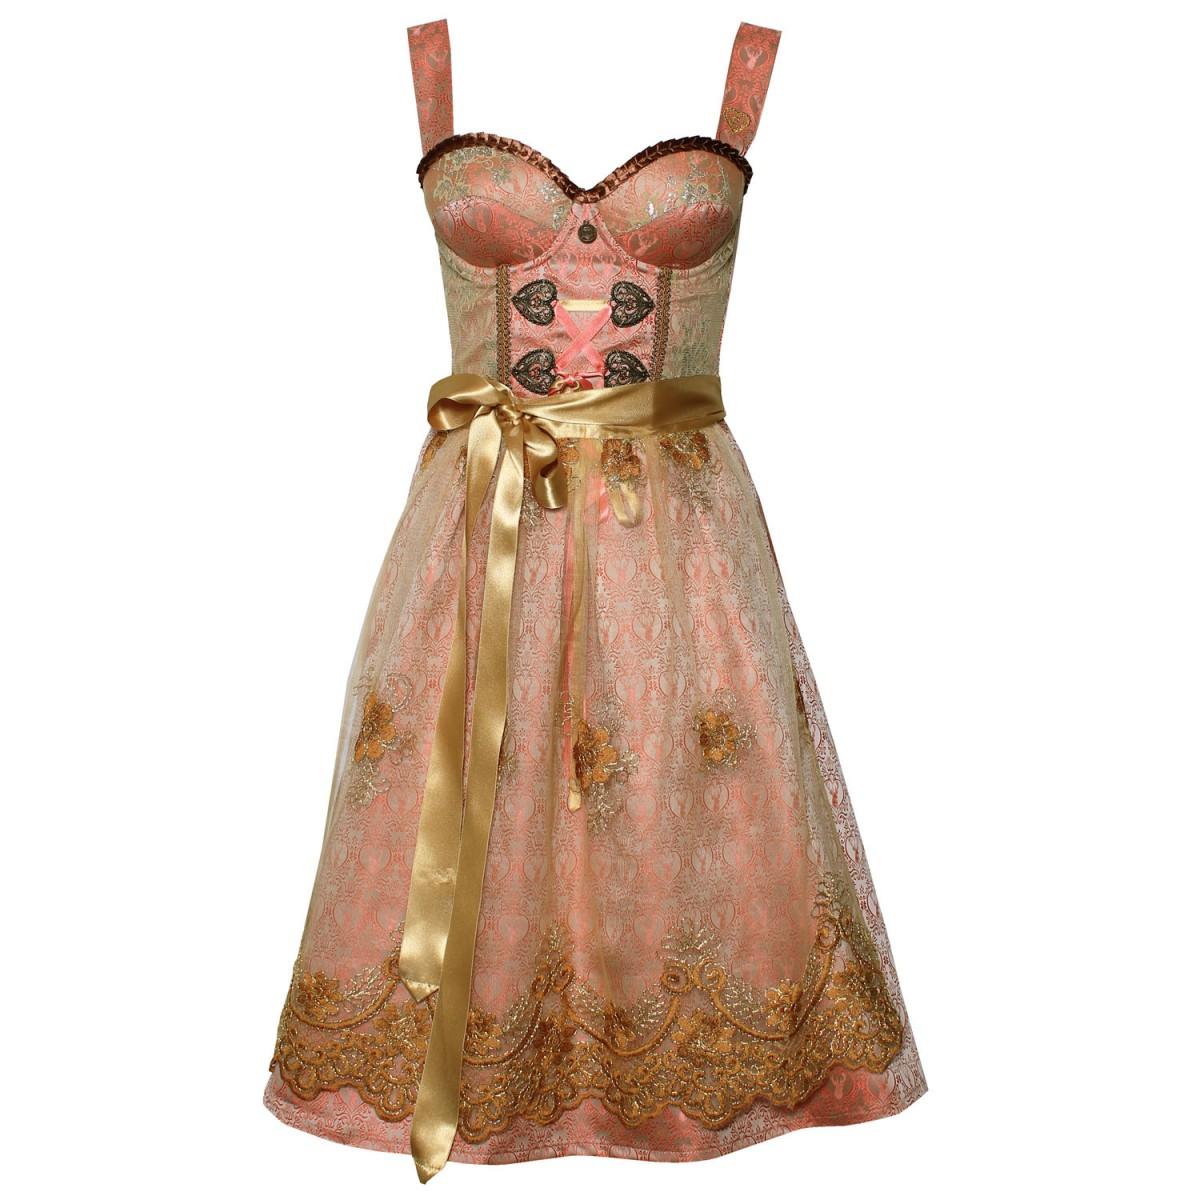 https://www.finest-trachten.de/images/produkte/i18/1839-2-D-Sissy-gold.jpg